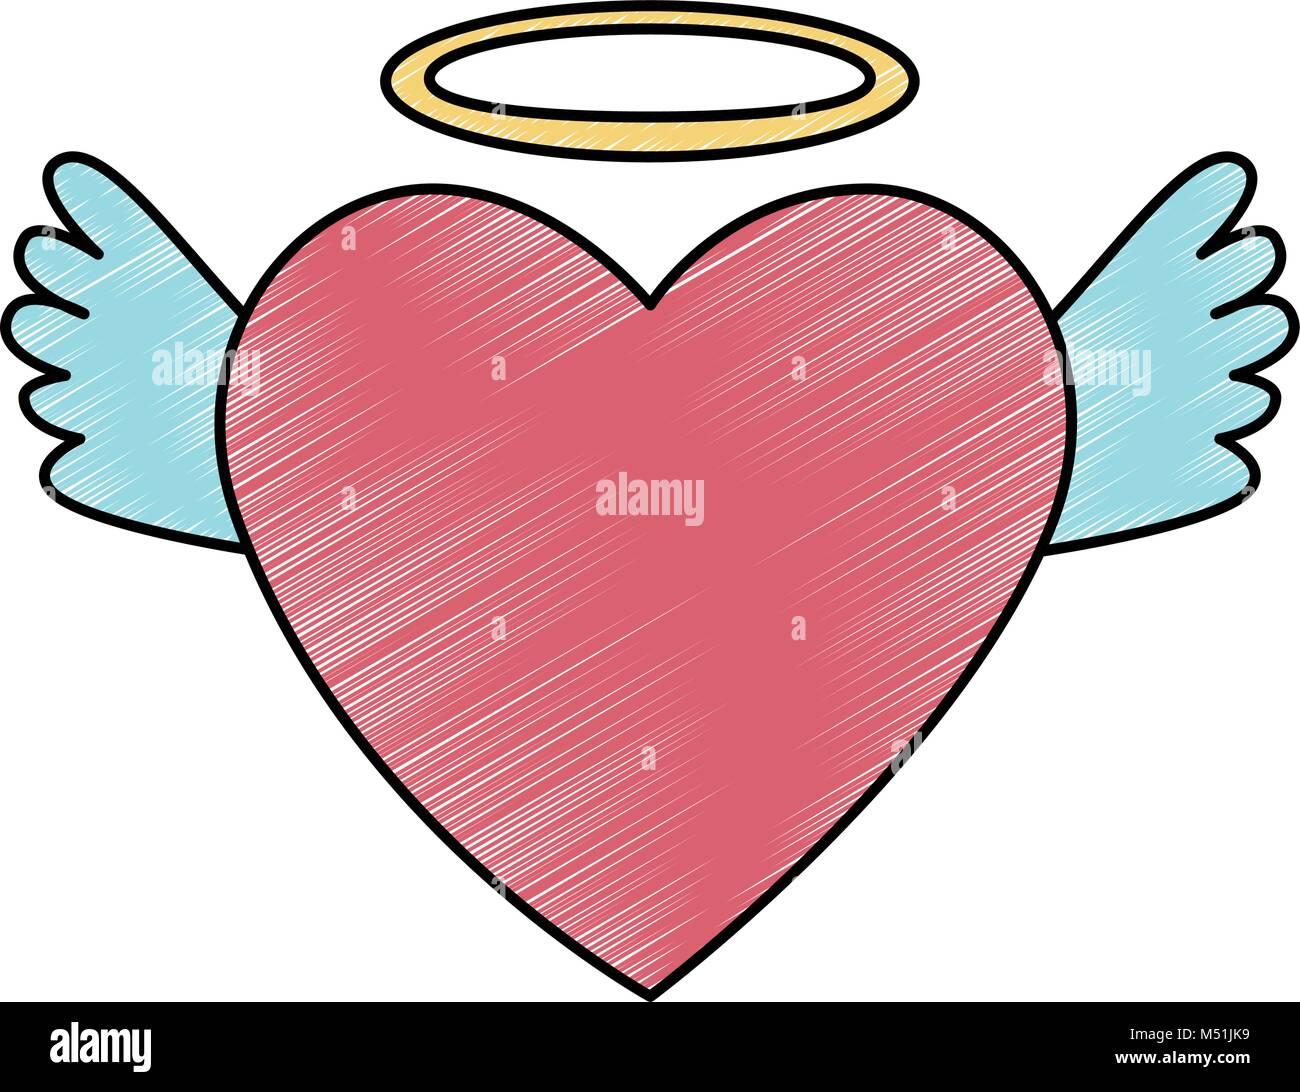 Corazon De Amor Con Alas Y Halo Ilustración Del Vector Imagen